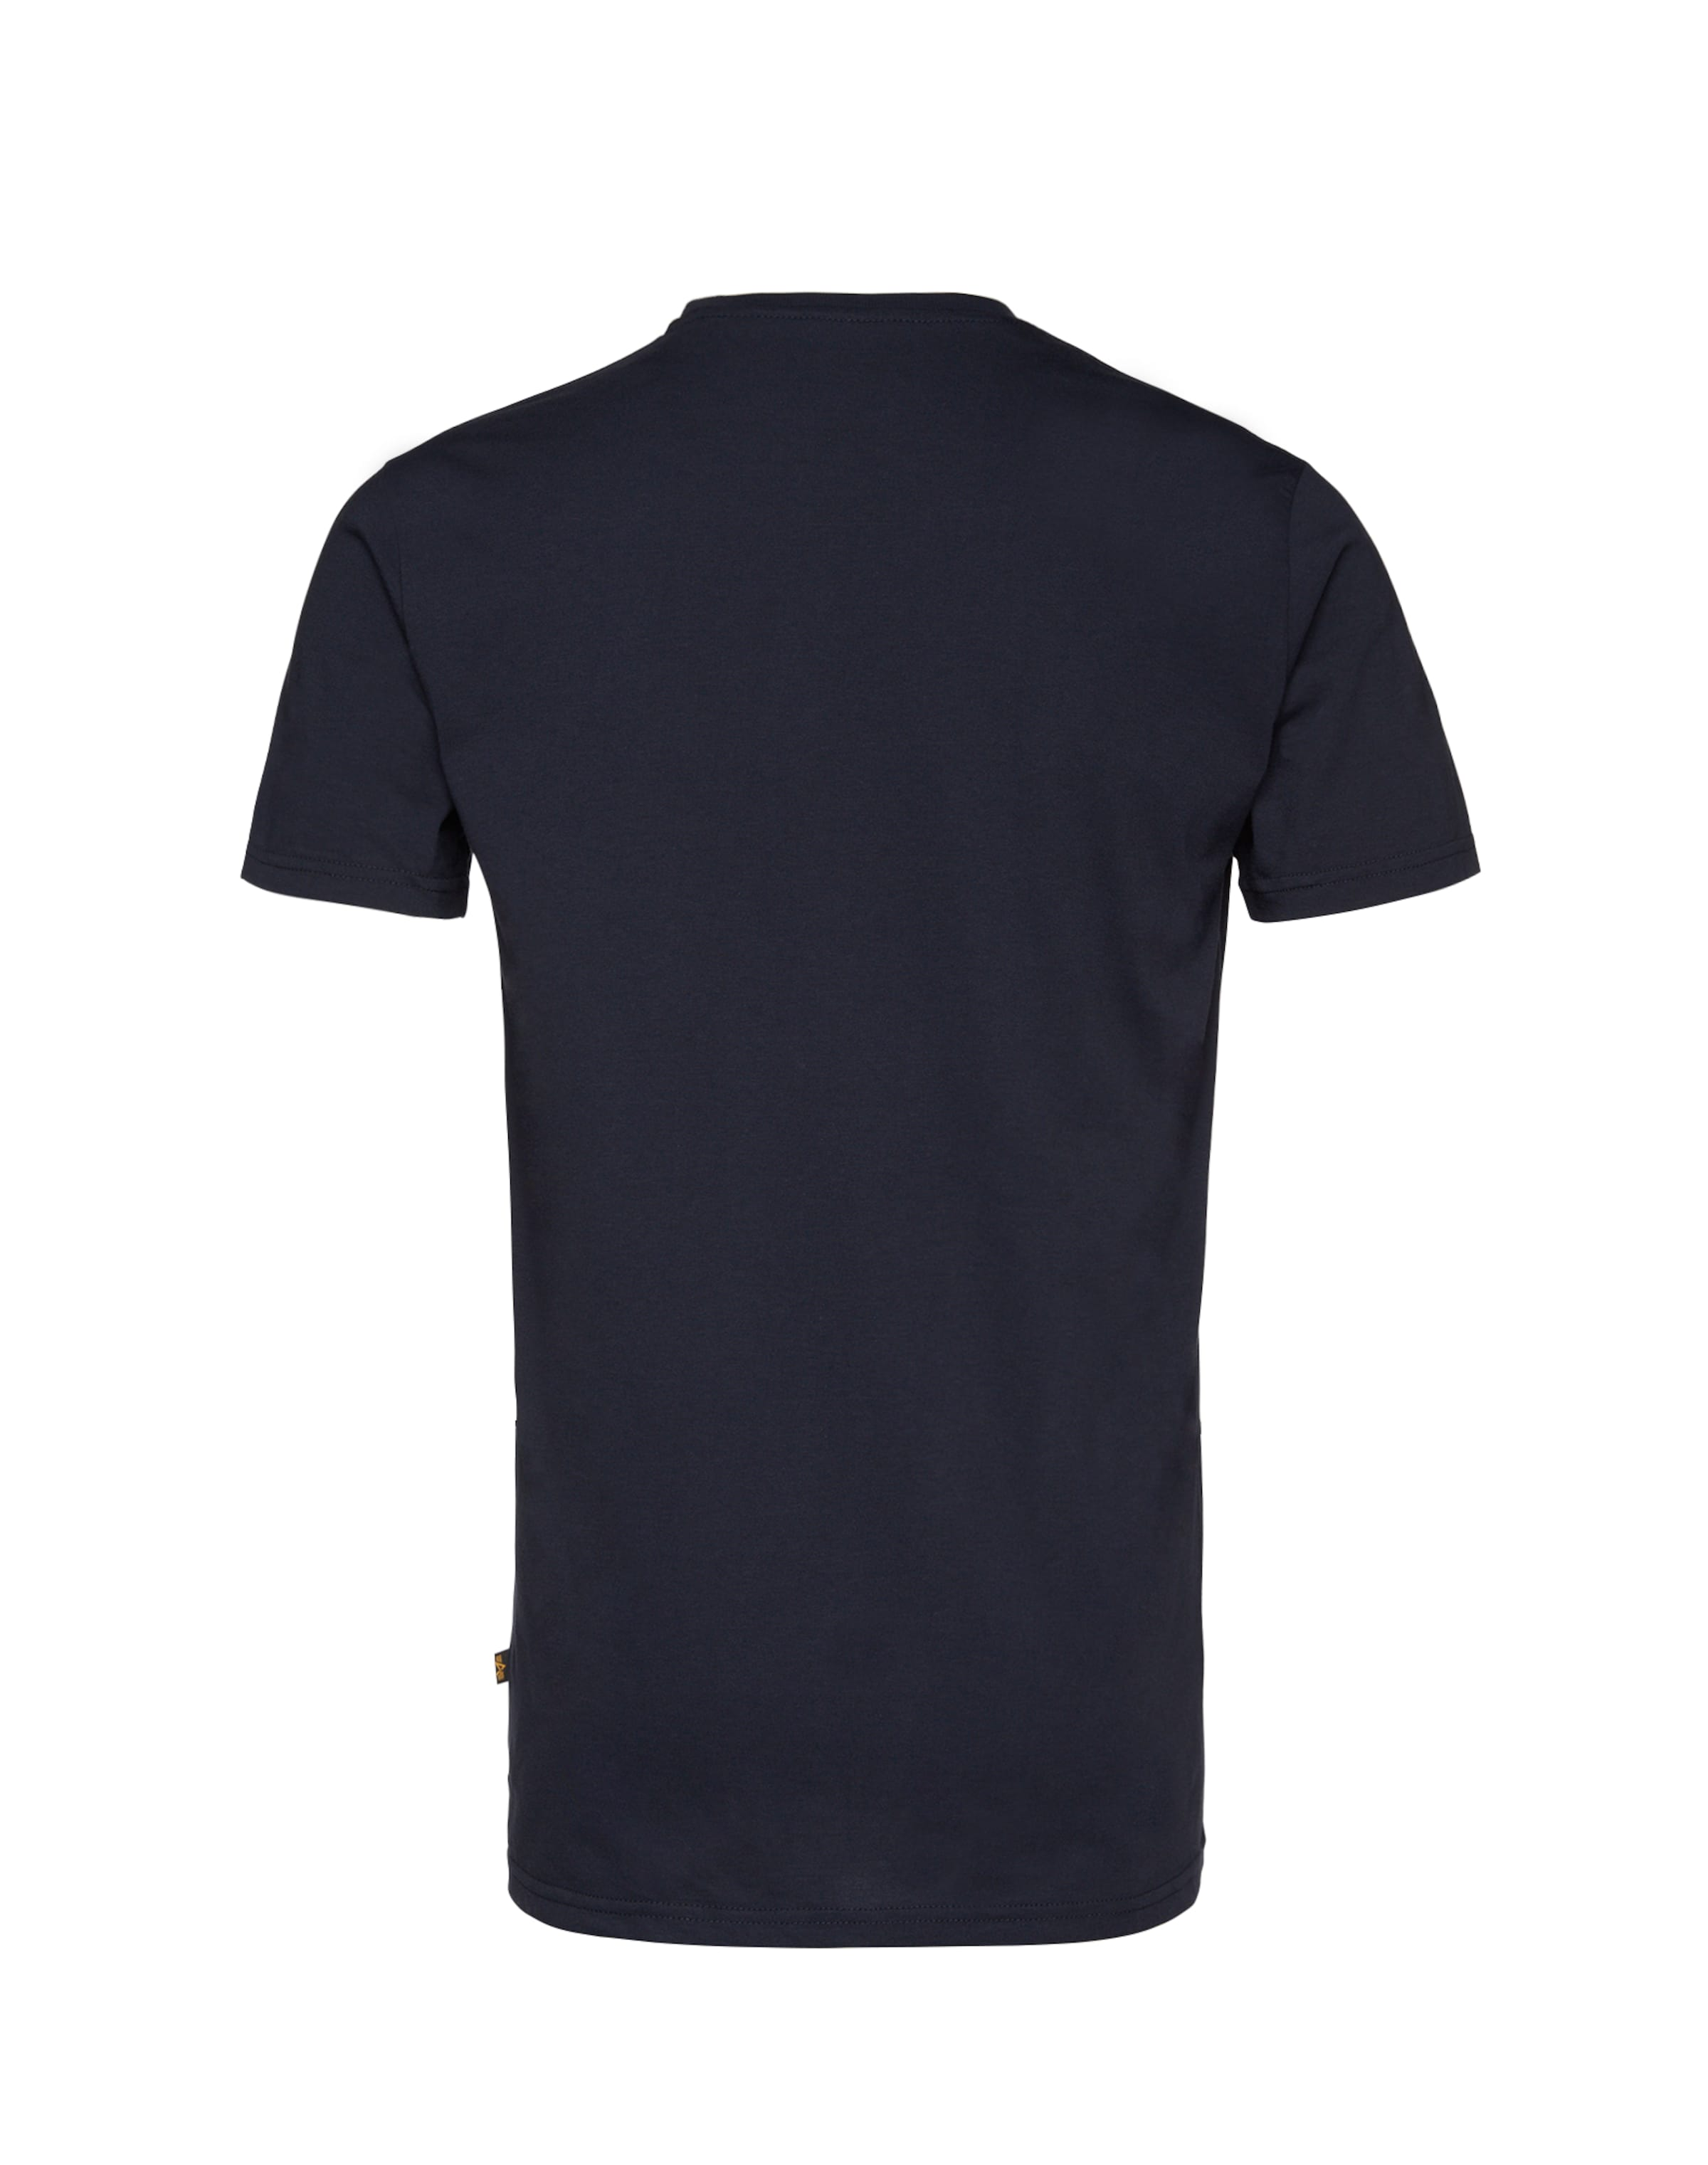 shirt Alpha En Bleu T Industries MarineBlanc kiuXZOPT